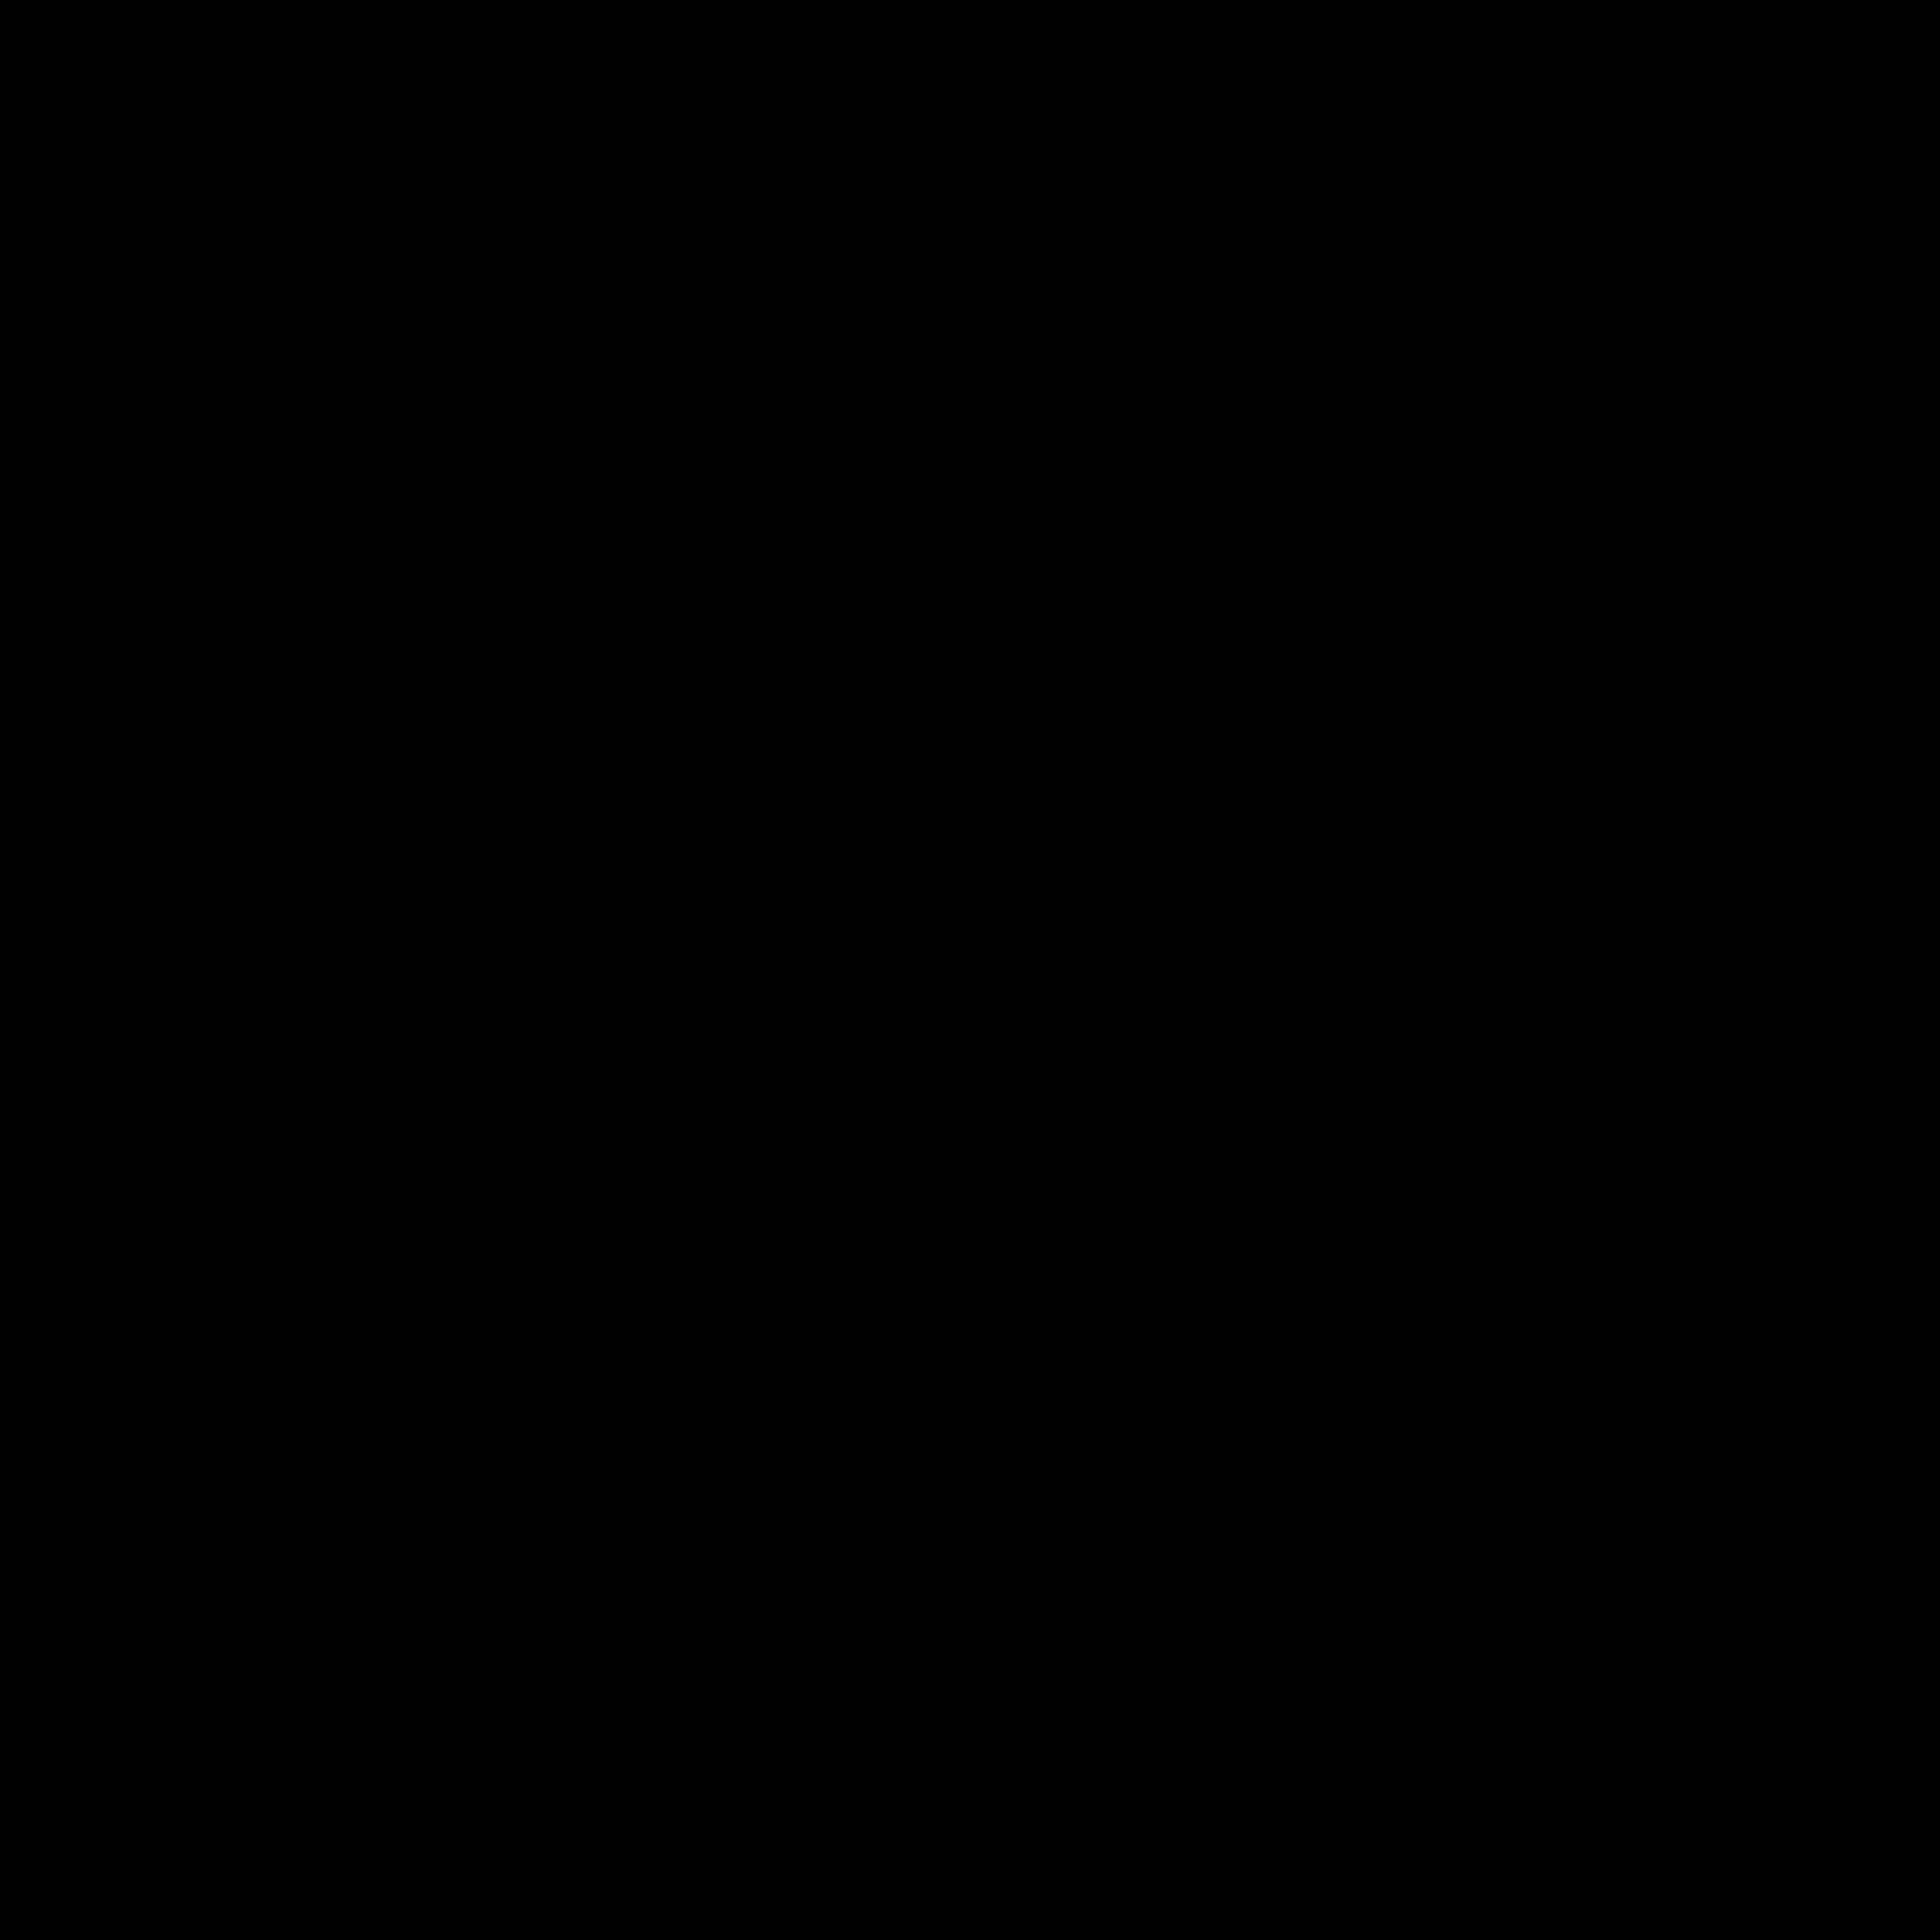 фото планета земля в руках